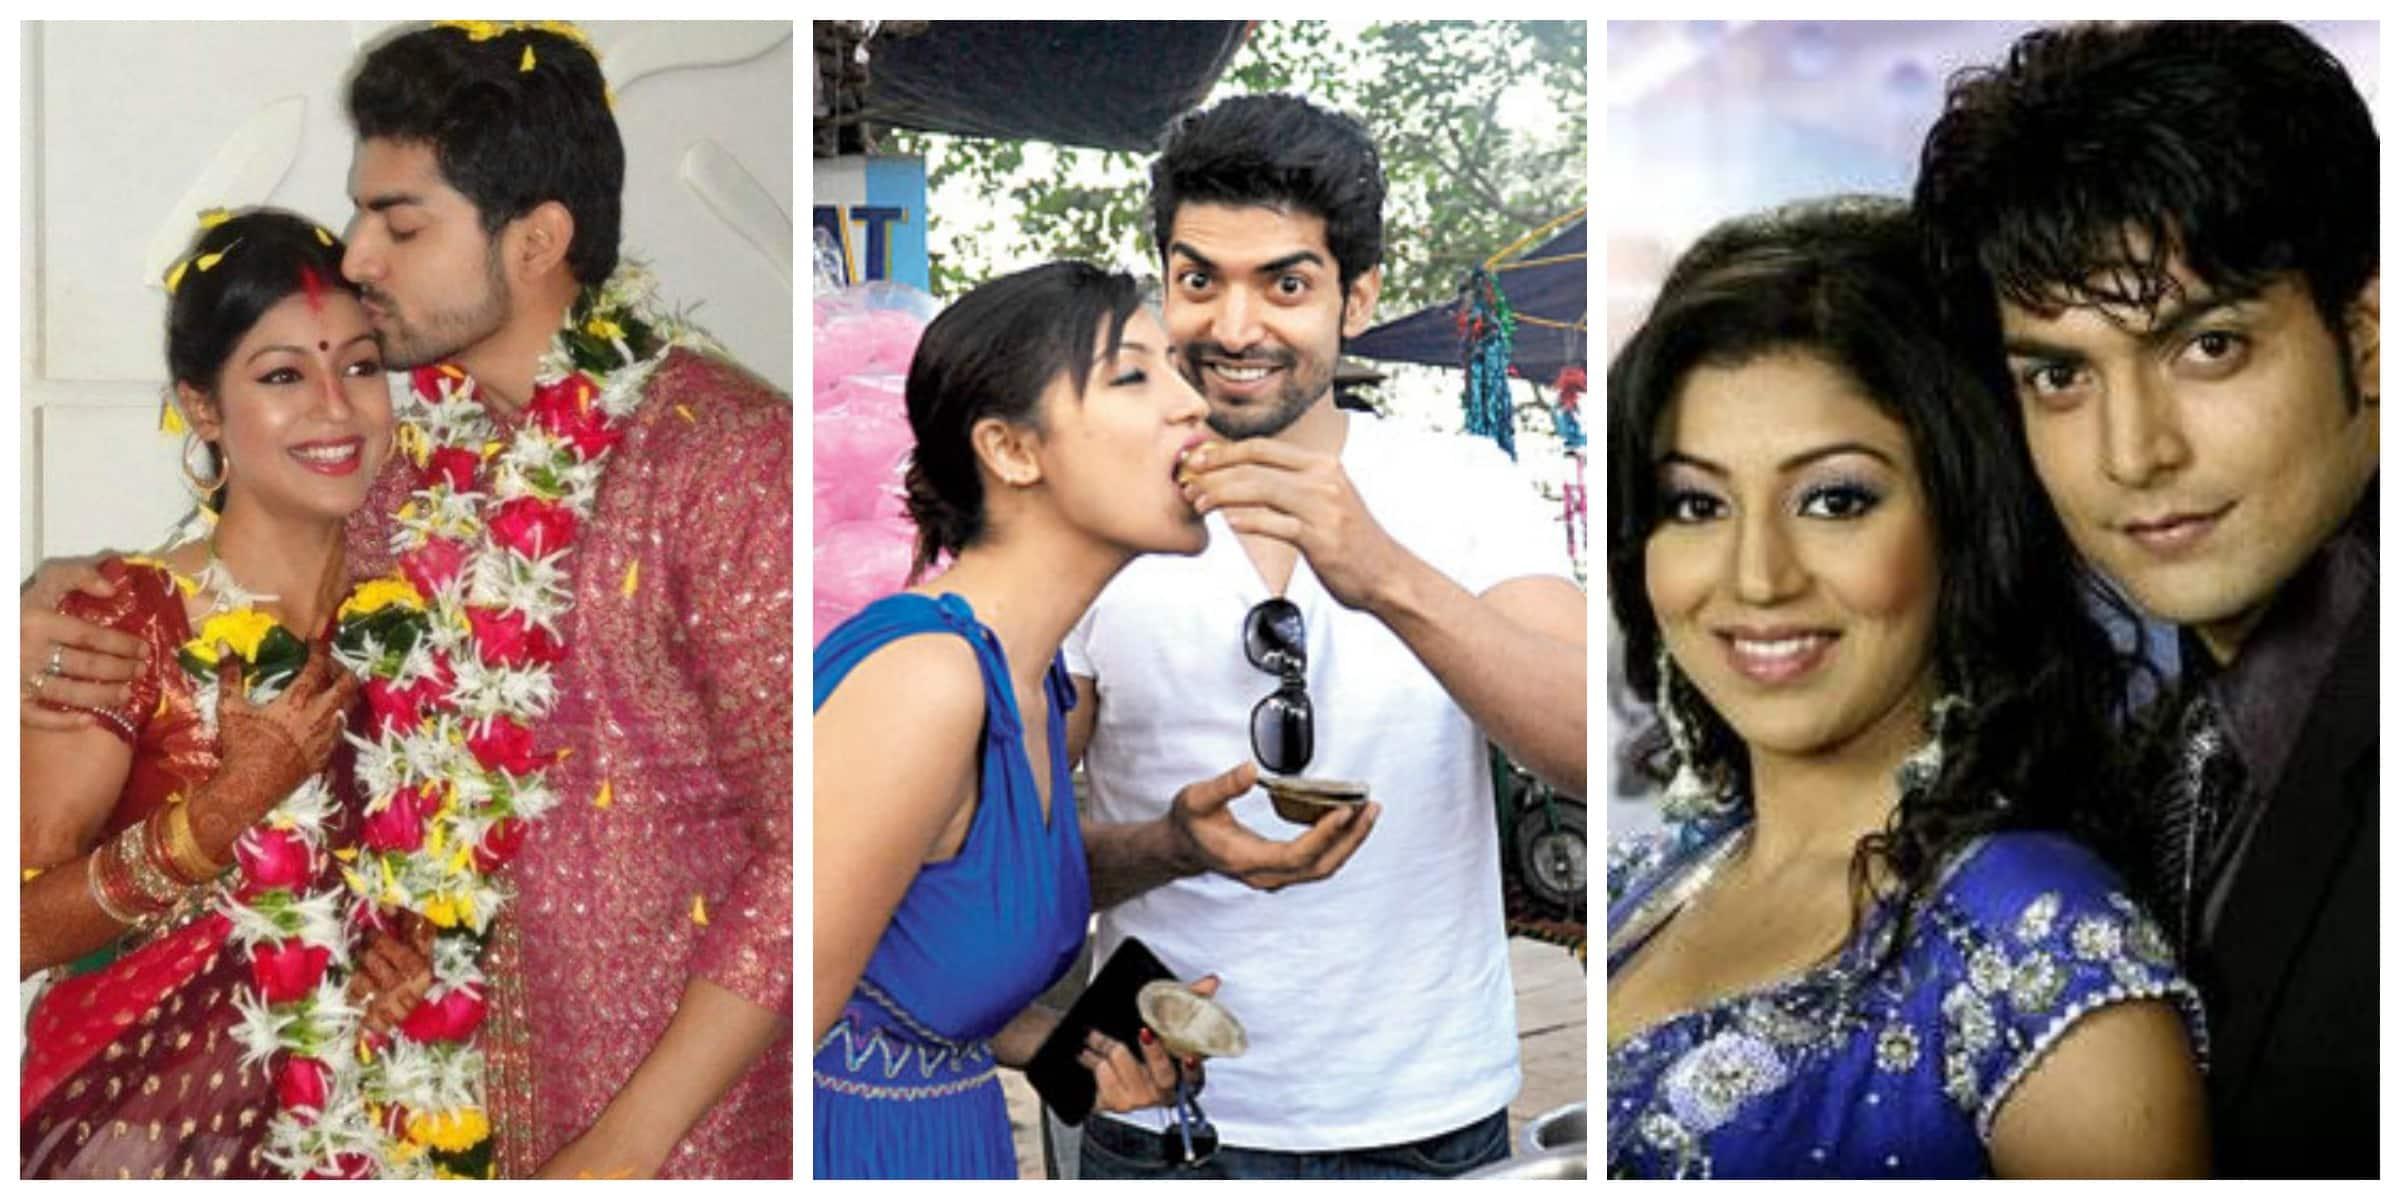 In Pictures: The Love Story Of TV's Ram- Sita, Gurmeet ... Gurmeet Choudhary And Debina Bonnerjee Love Story